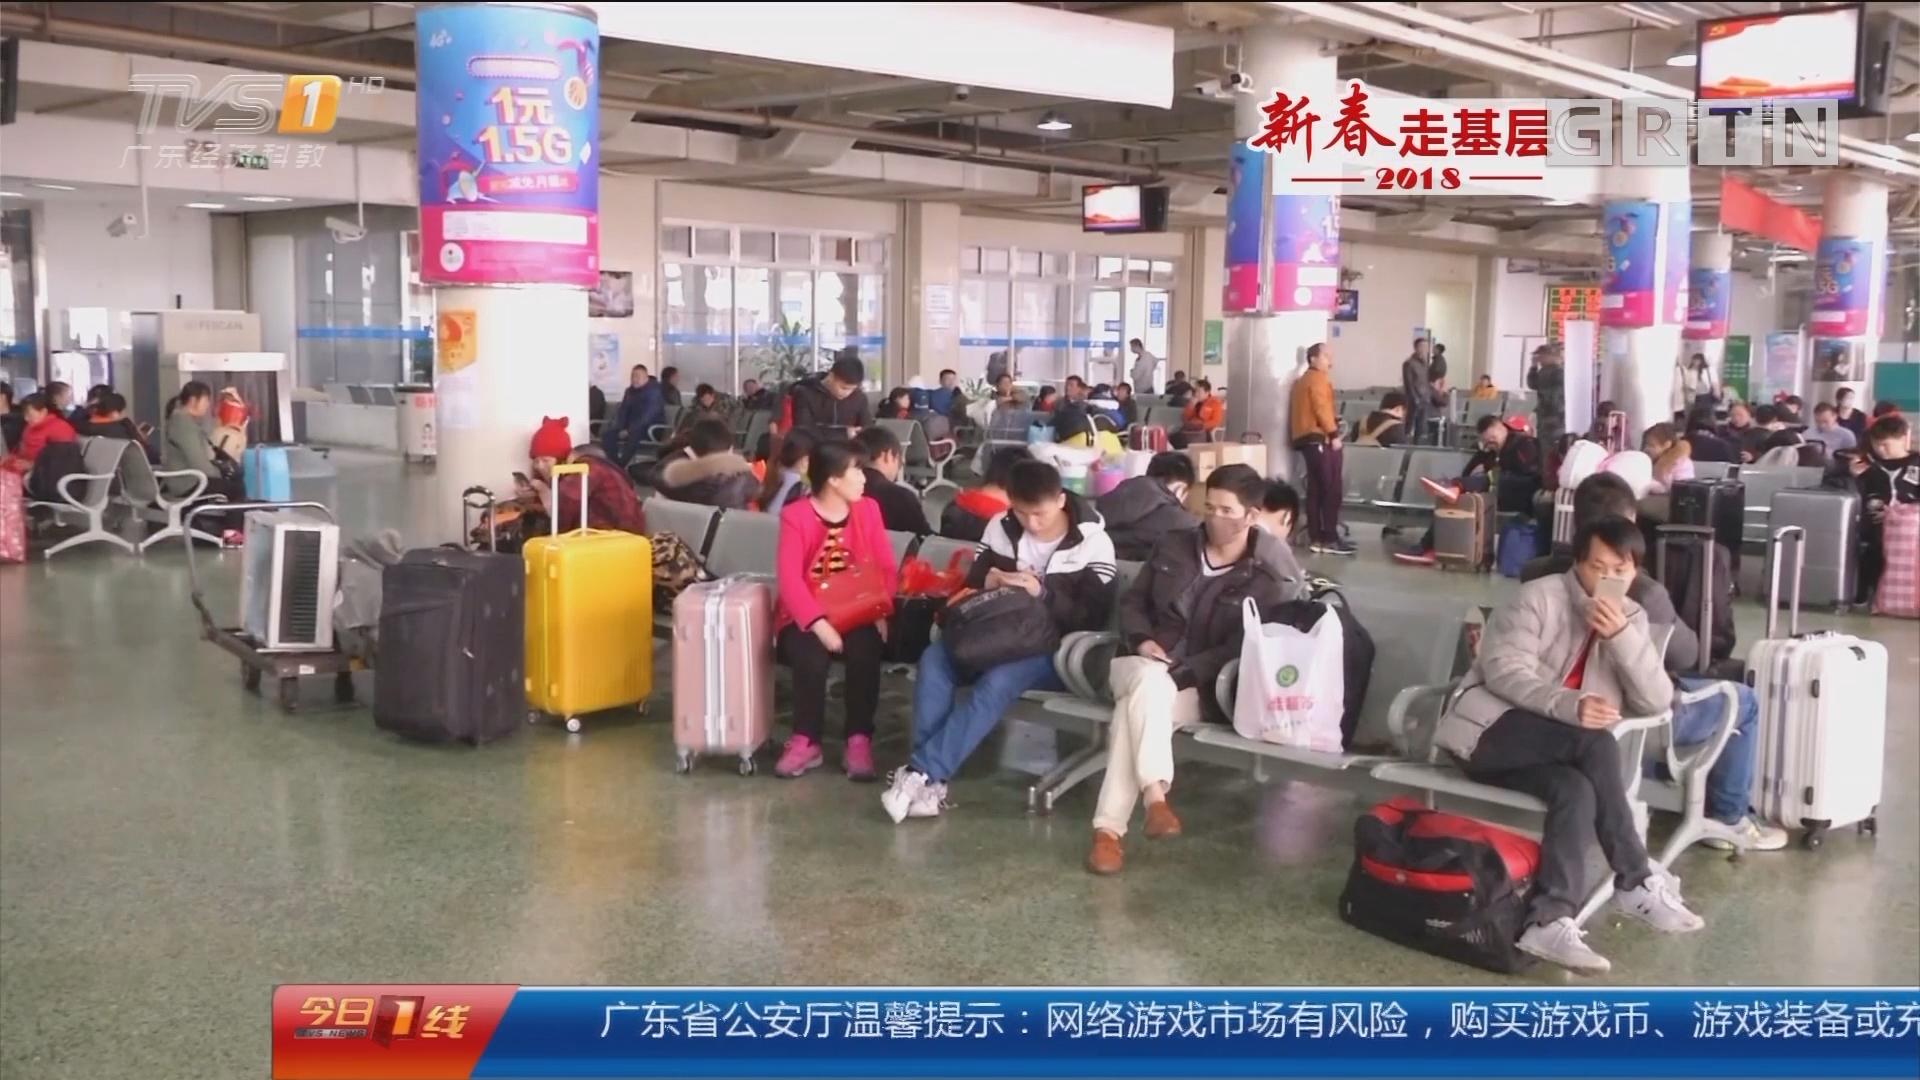 新春走基层:深圳 客运高峰开启 多措施保旅客温暖回家